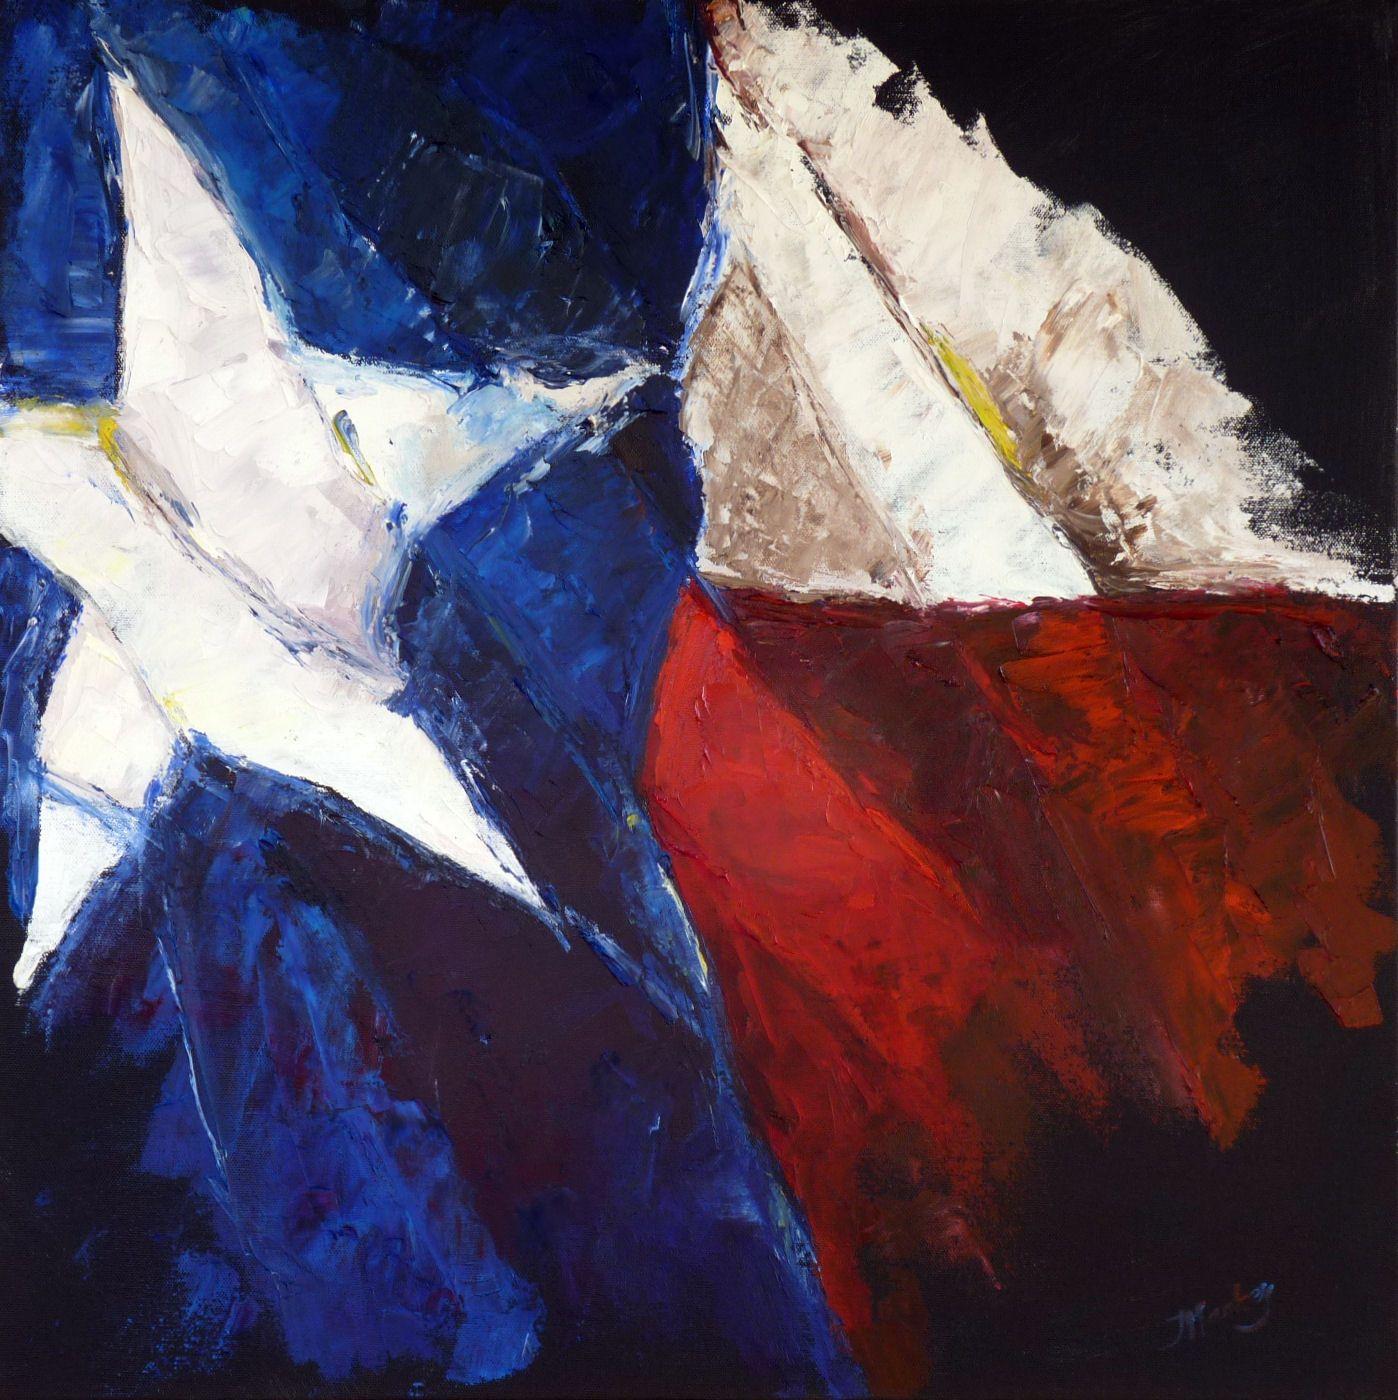 Texas Flag Palette Knife Painting By Judy Mackey Texas Art Texas Star Texas Flags